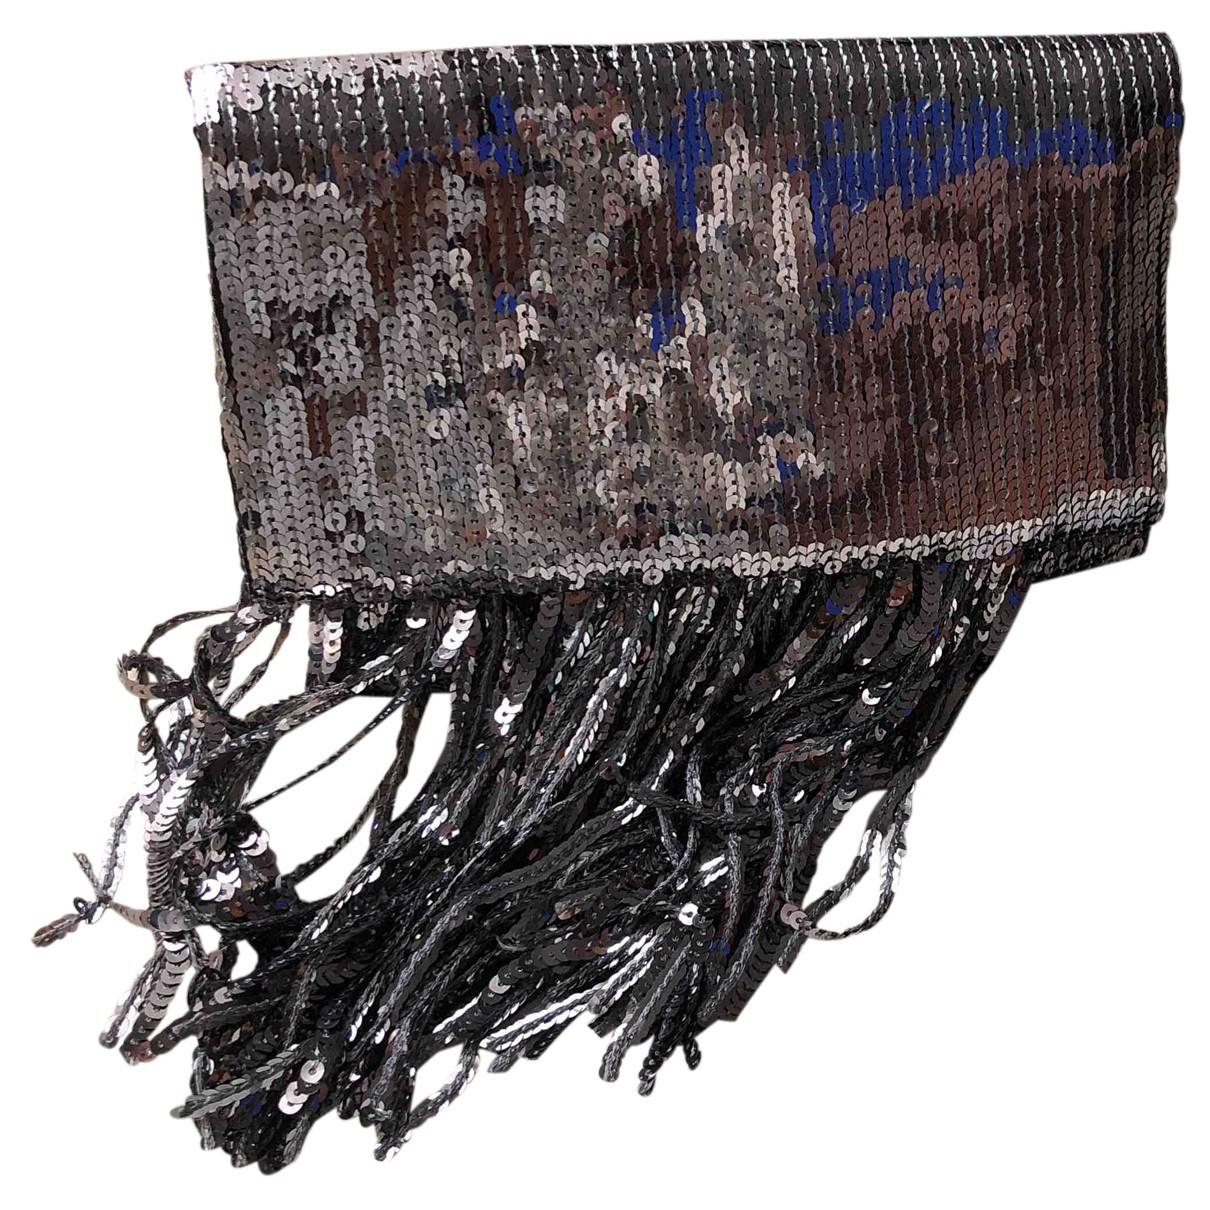 Galvan London \N Clutch in  Metallic Mit Pailletten